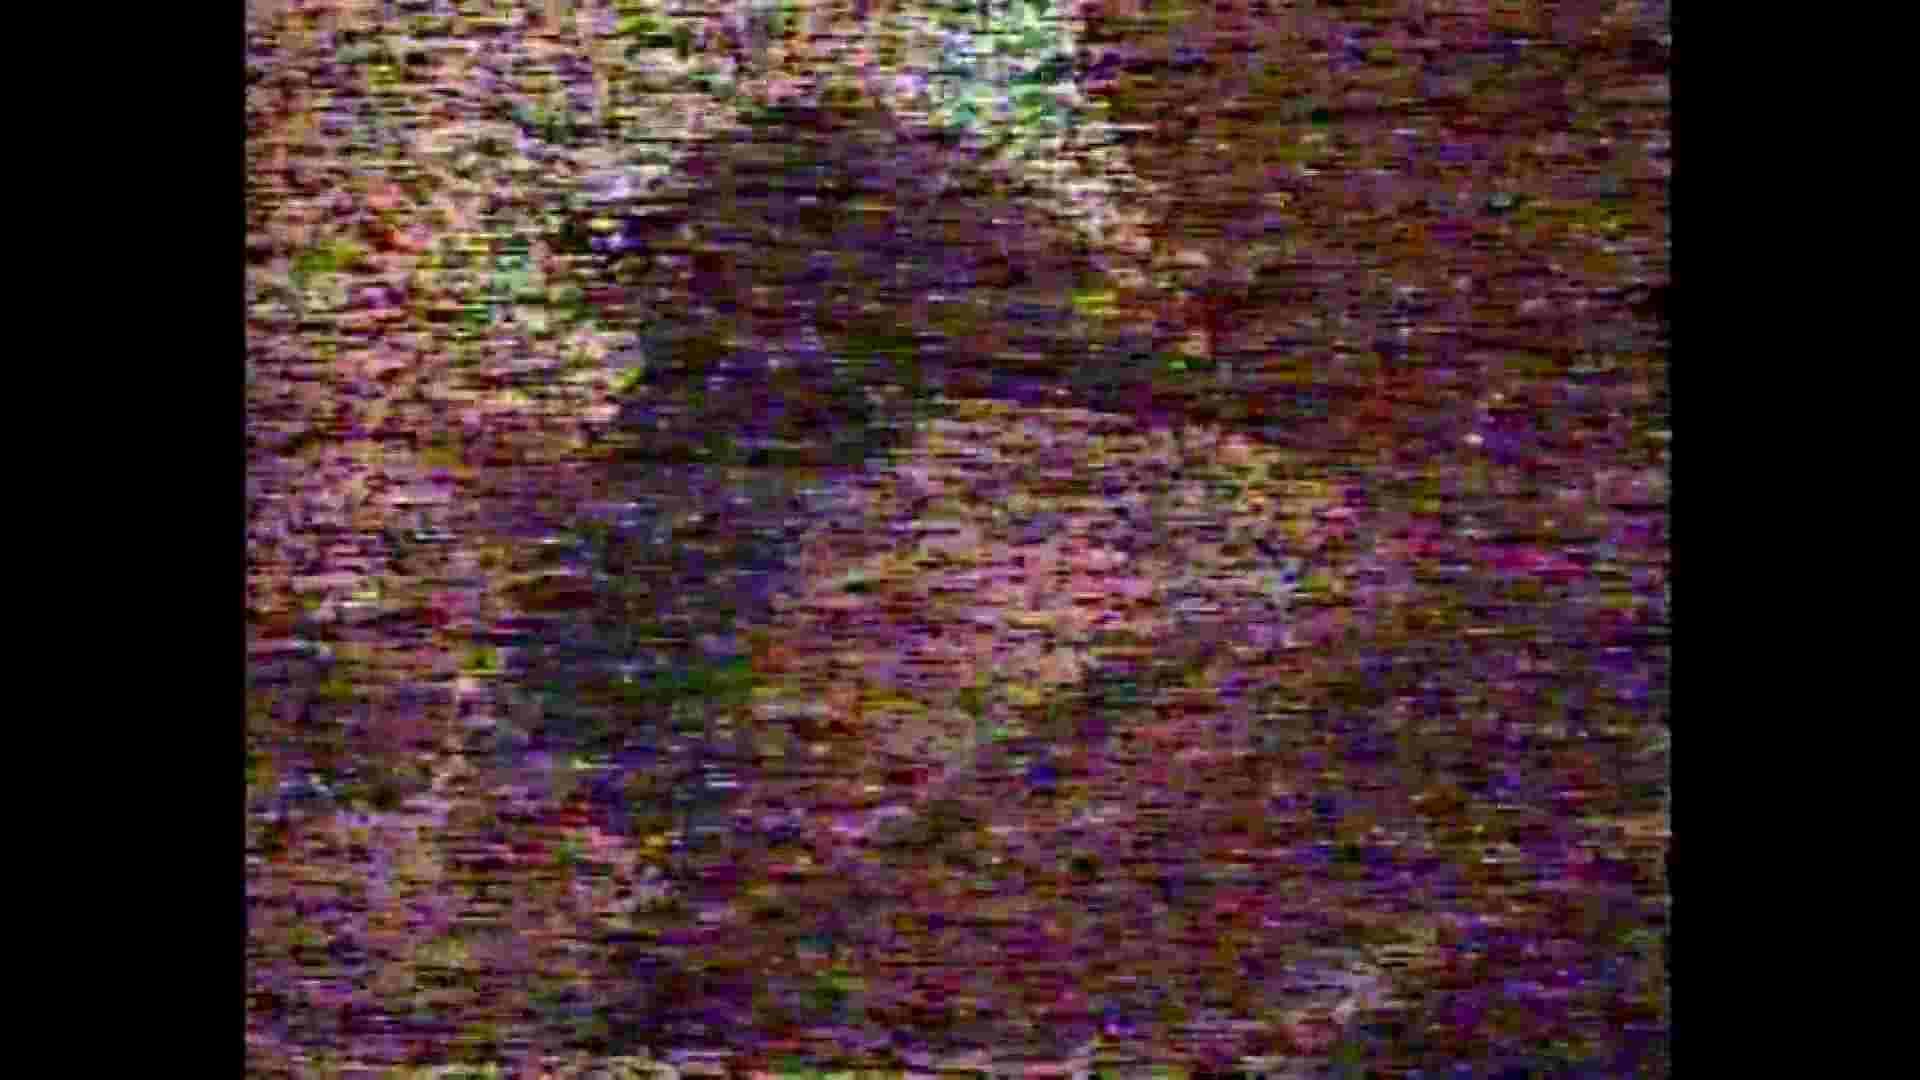 レース場での秘め事 Vol.05 潜入 盗撮おまんこ無修正動画無料 95連発 67